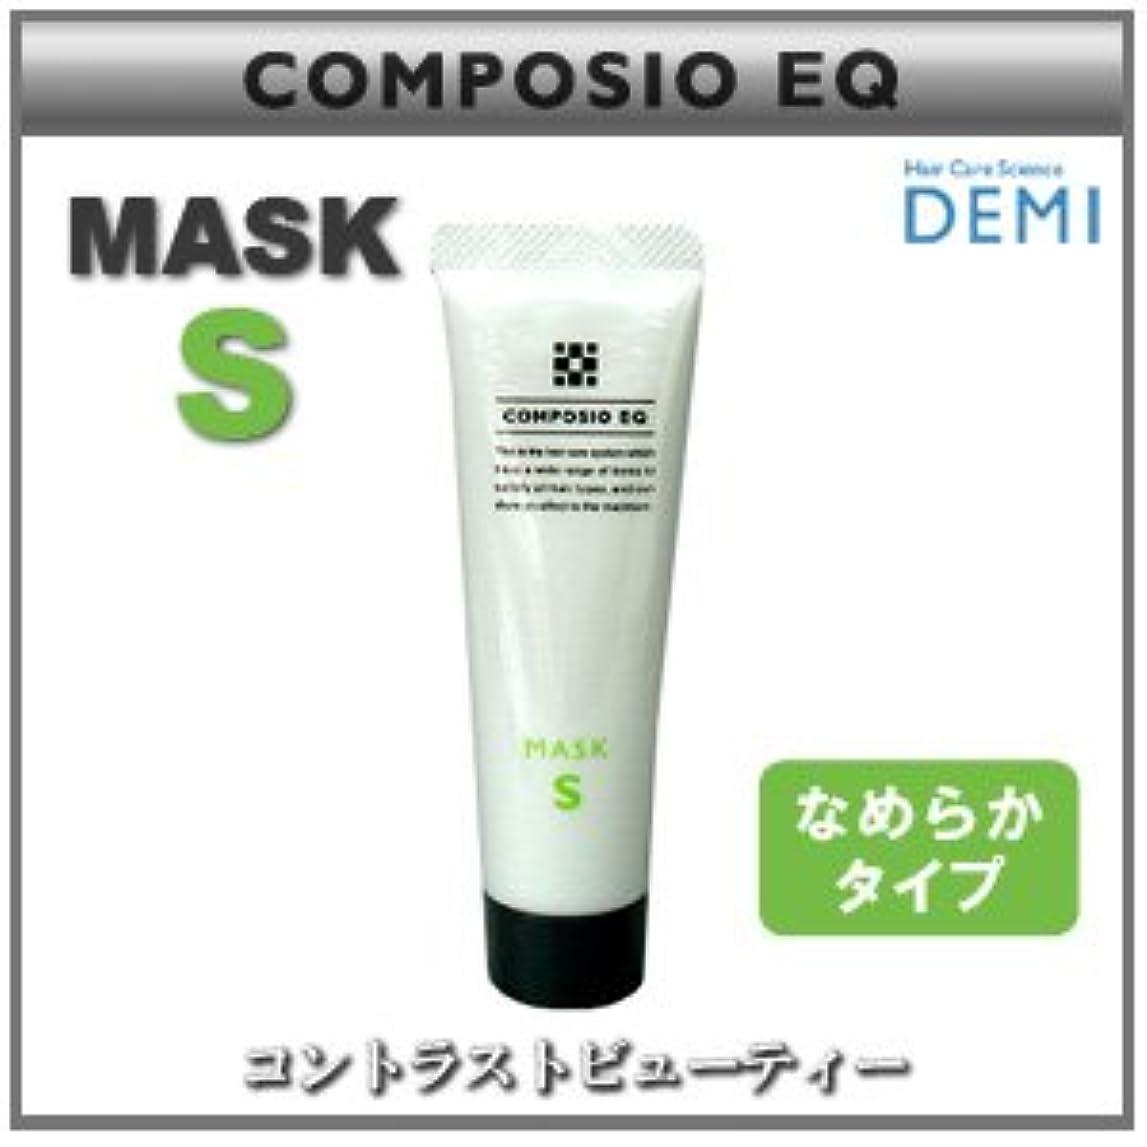 料理をするナット確かめる【X3個セット】 デミ コンポジオ EQ マスク S 50g